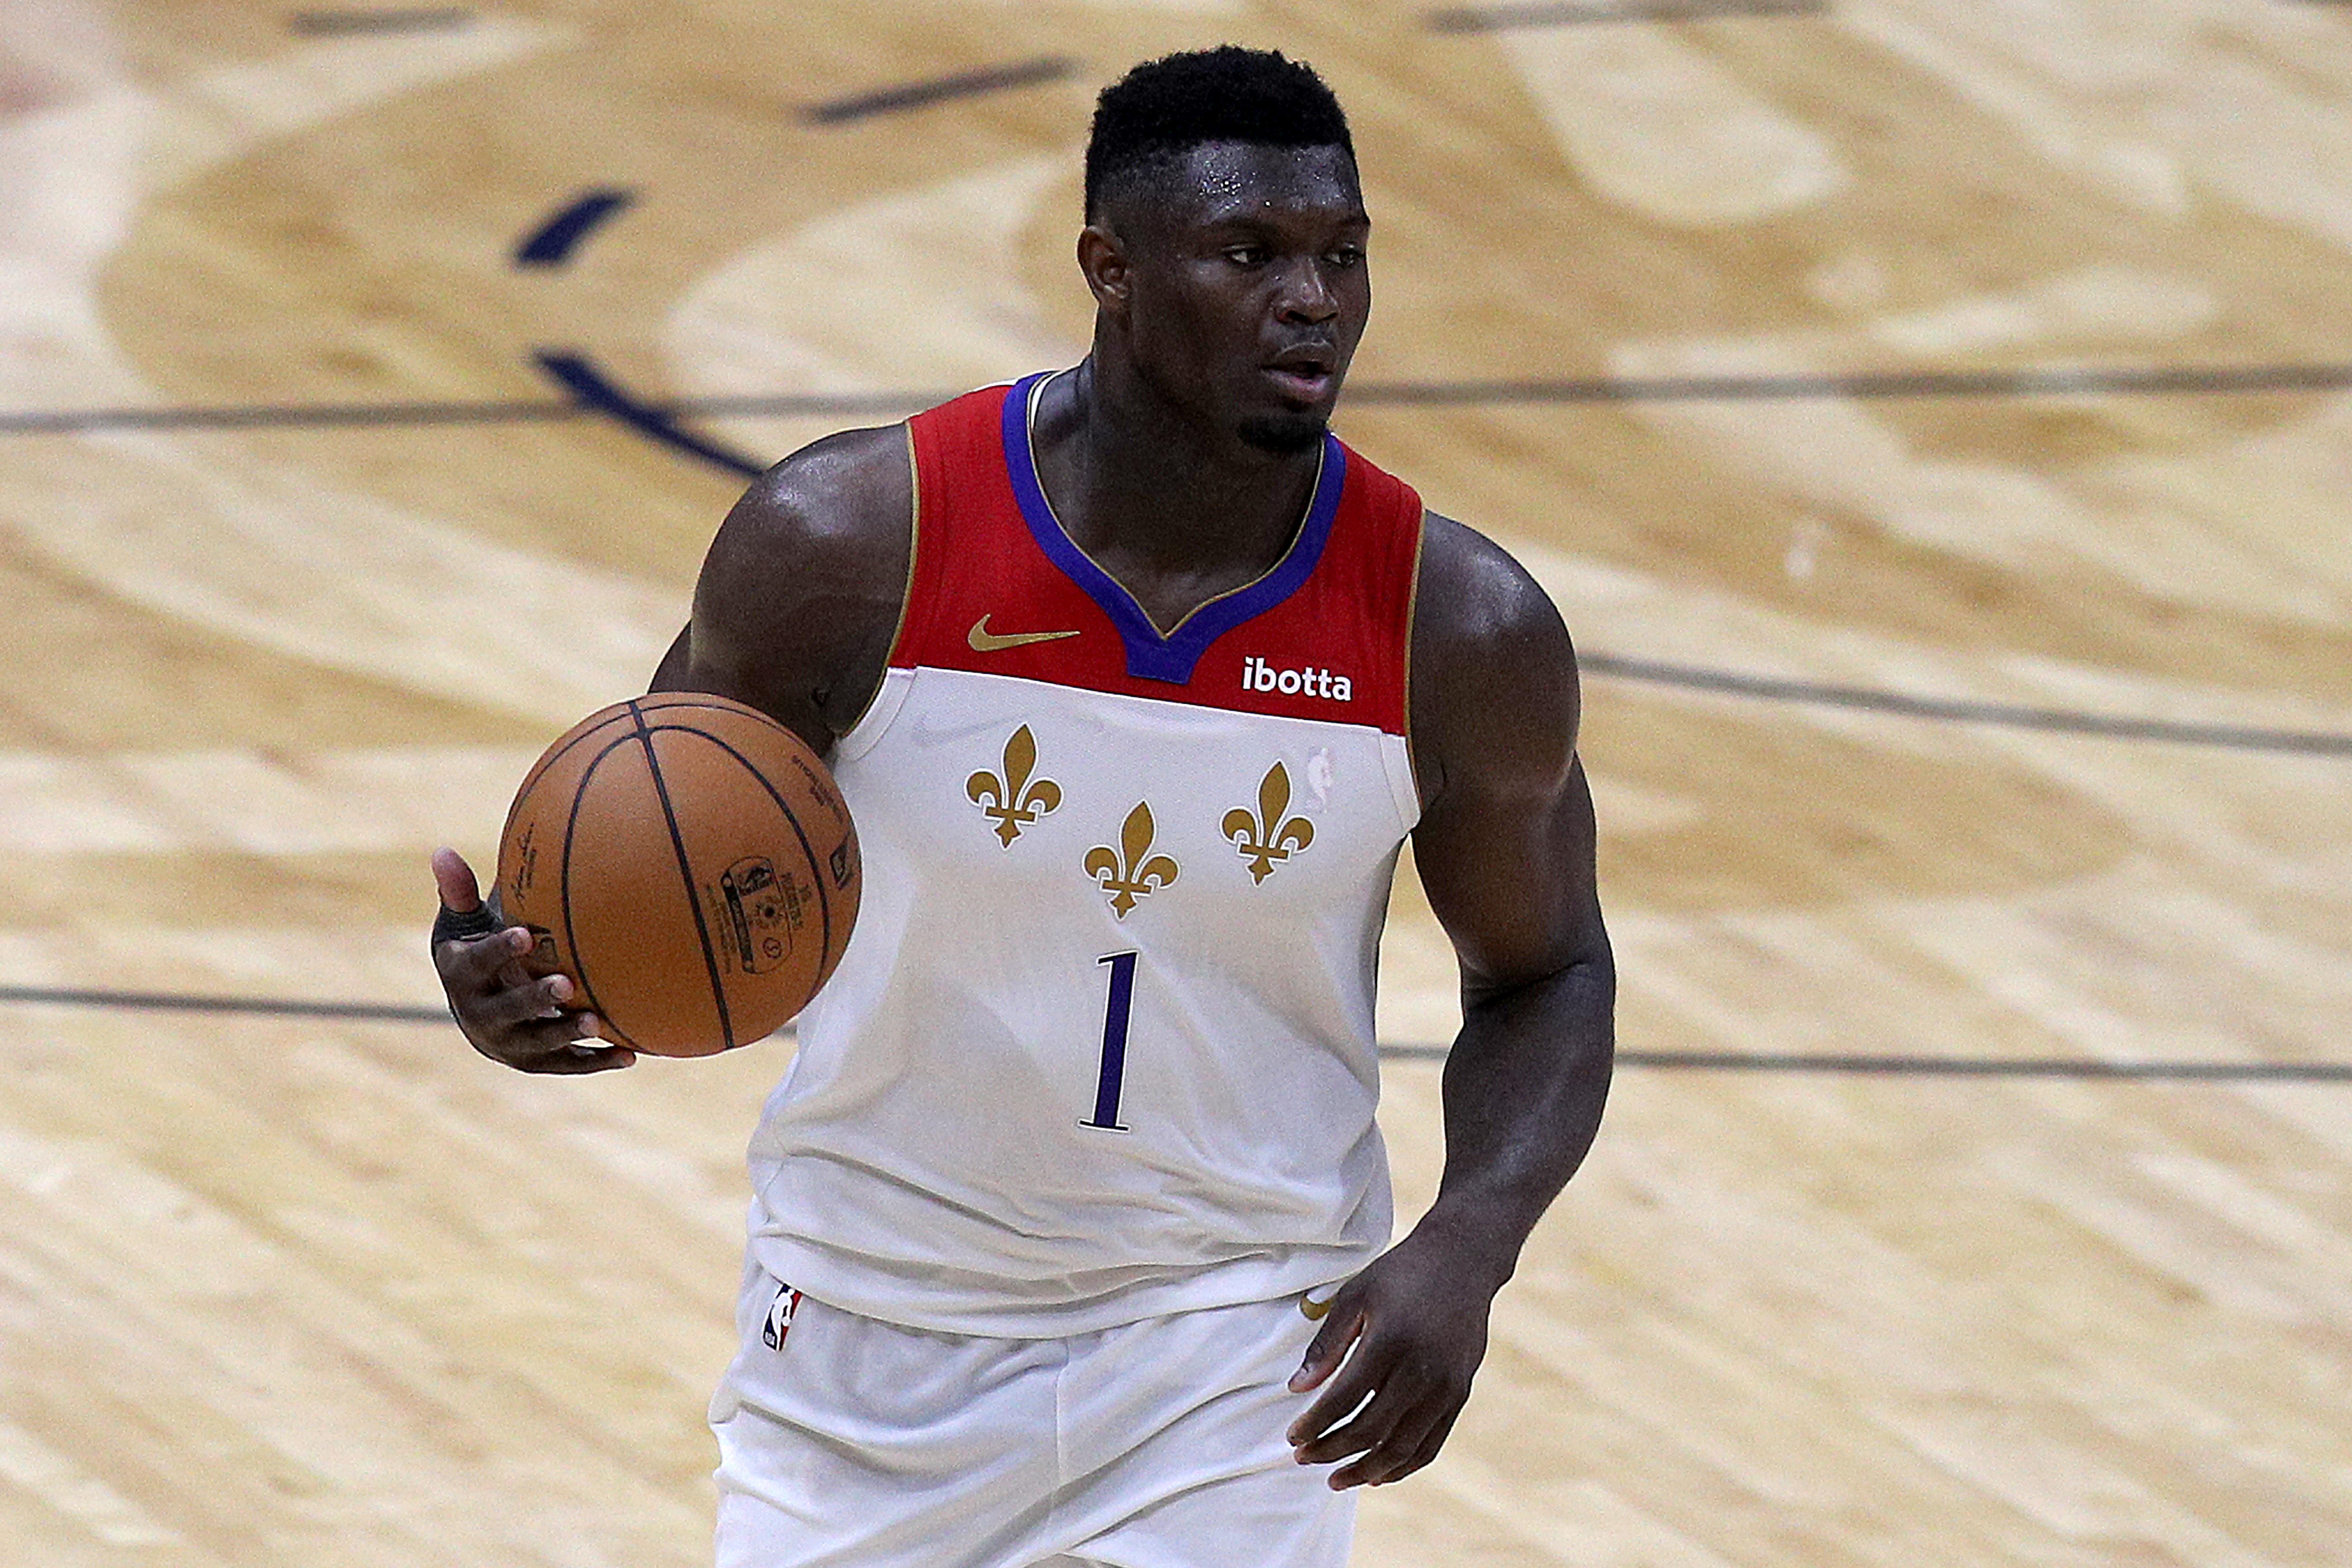 2021年5月4日,路易斯安那州新奥尔良,新奥尔良鹈鹕队的锡安·威廉姆森在NBA与金州勇士队比赛的第四节运球。